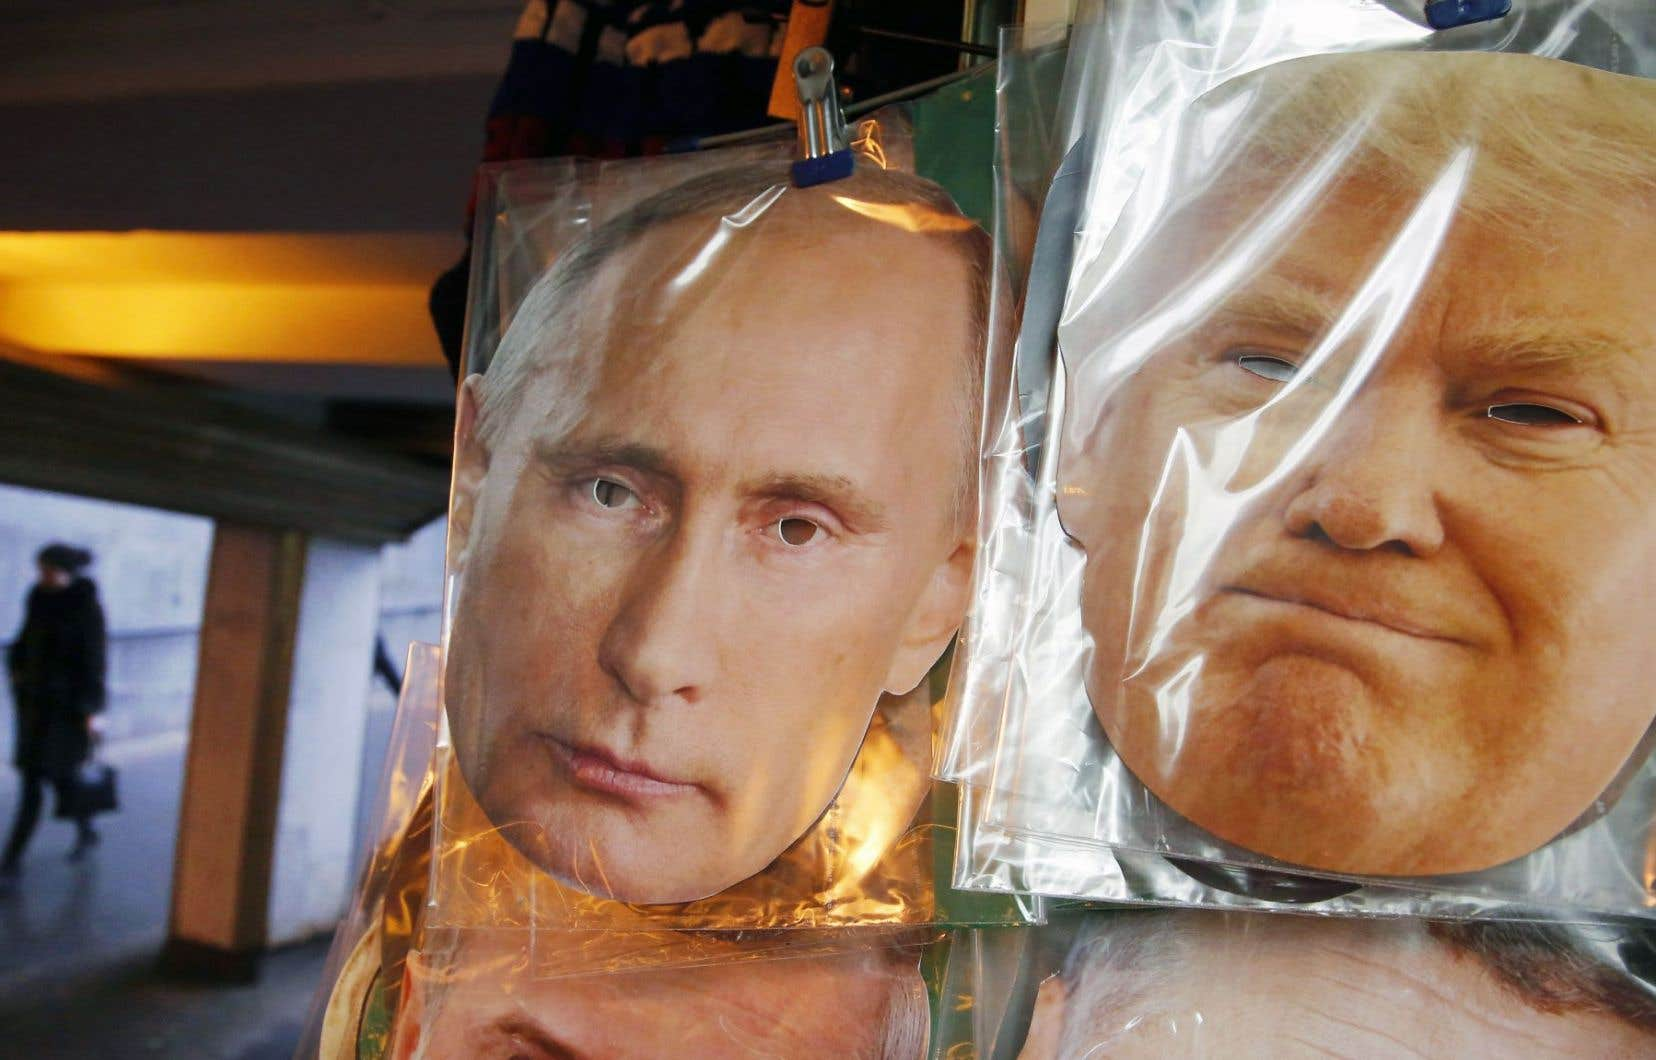 Des masques à l'effigie de Vladimir Poutine et de Donald Trump sont vendus dans un kiosque de souvenirs à Saint-Pétersbourg.